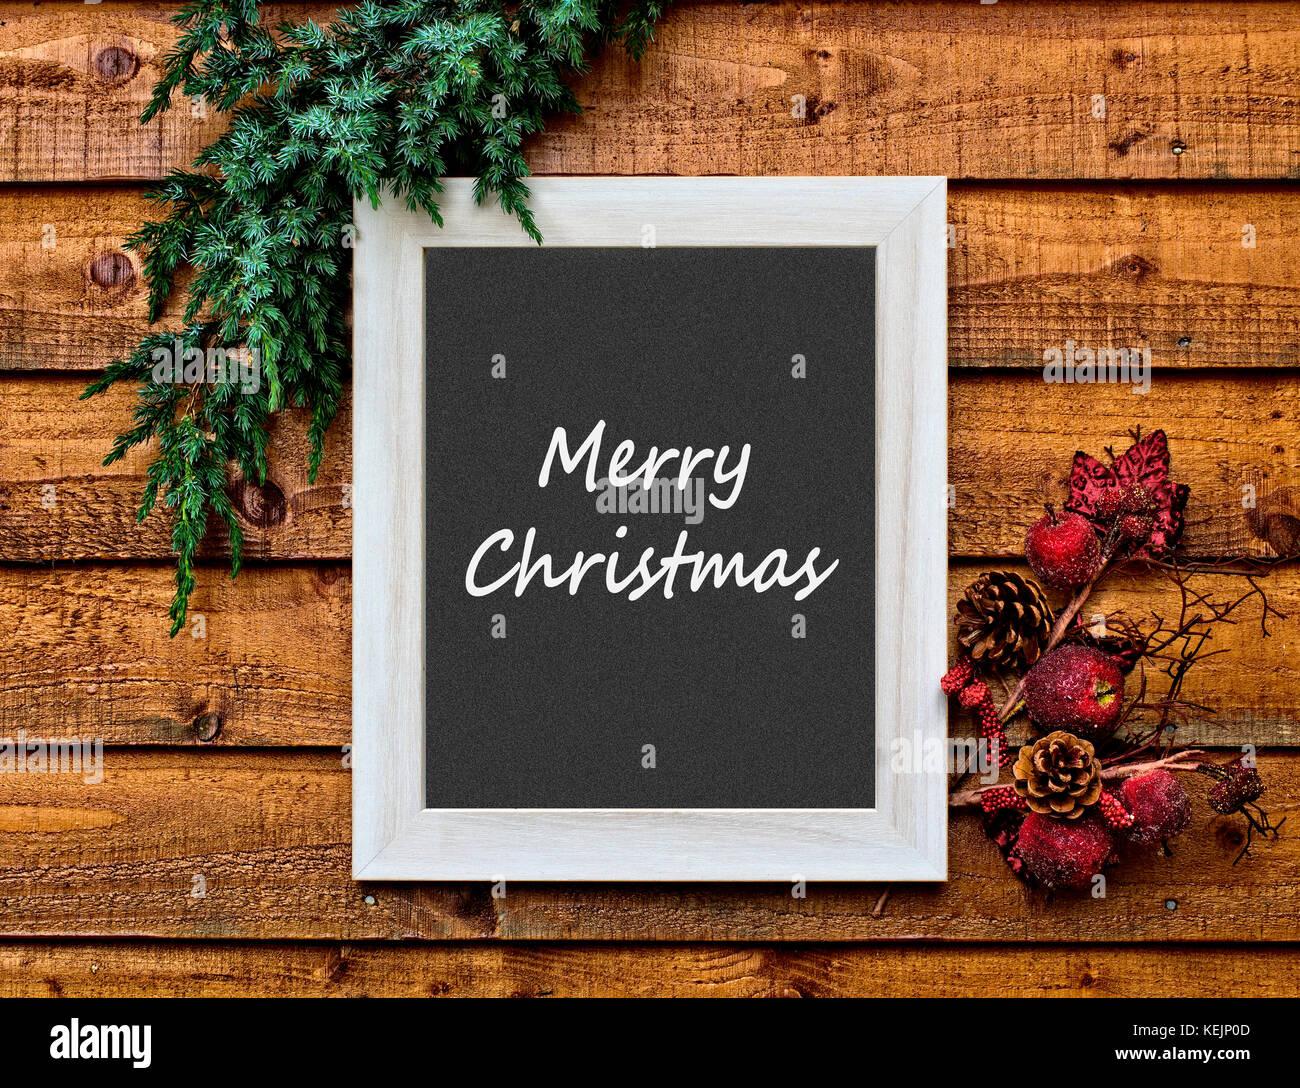 Christmas card photo - Stock Image